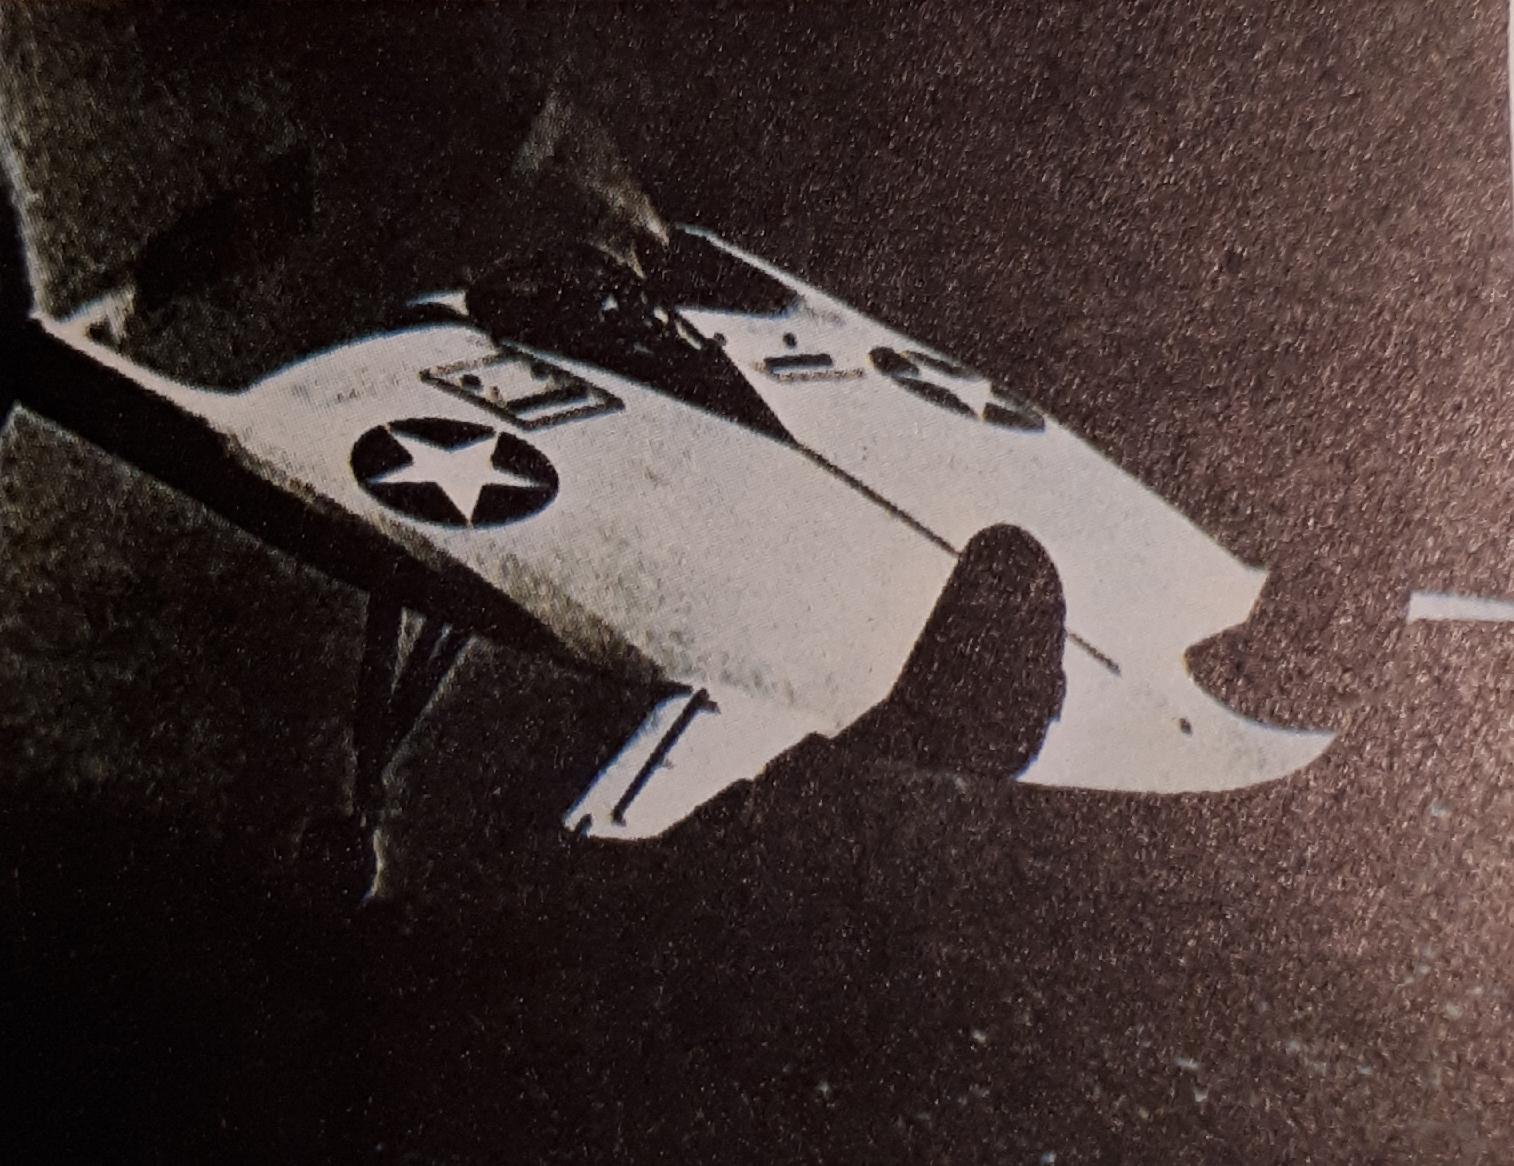 """El avión V-173 fue denominado por los pilotos """"torta volante"""" pues carecía de alas. La fotografía fue publicada en 1947, cuando se produjo la primera gran oleada de avistamientos"""